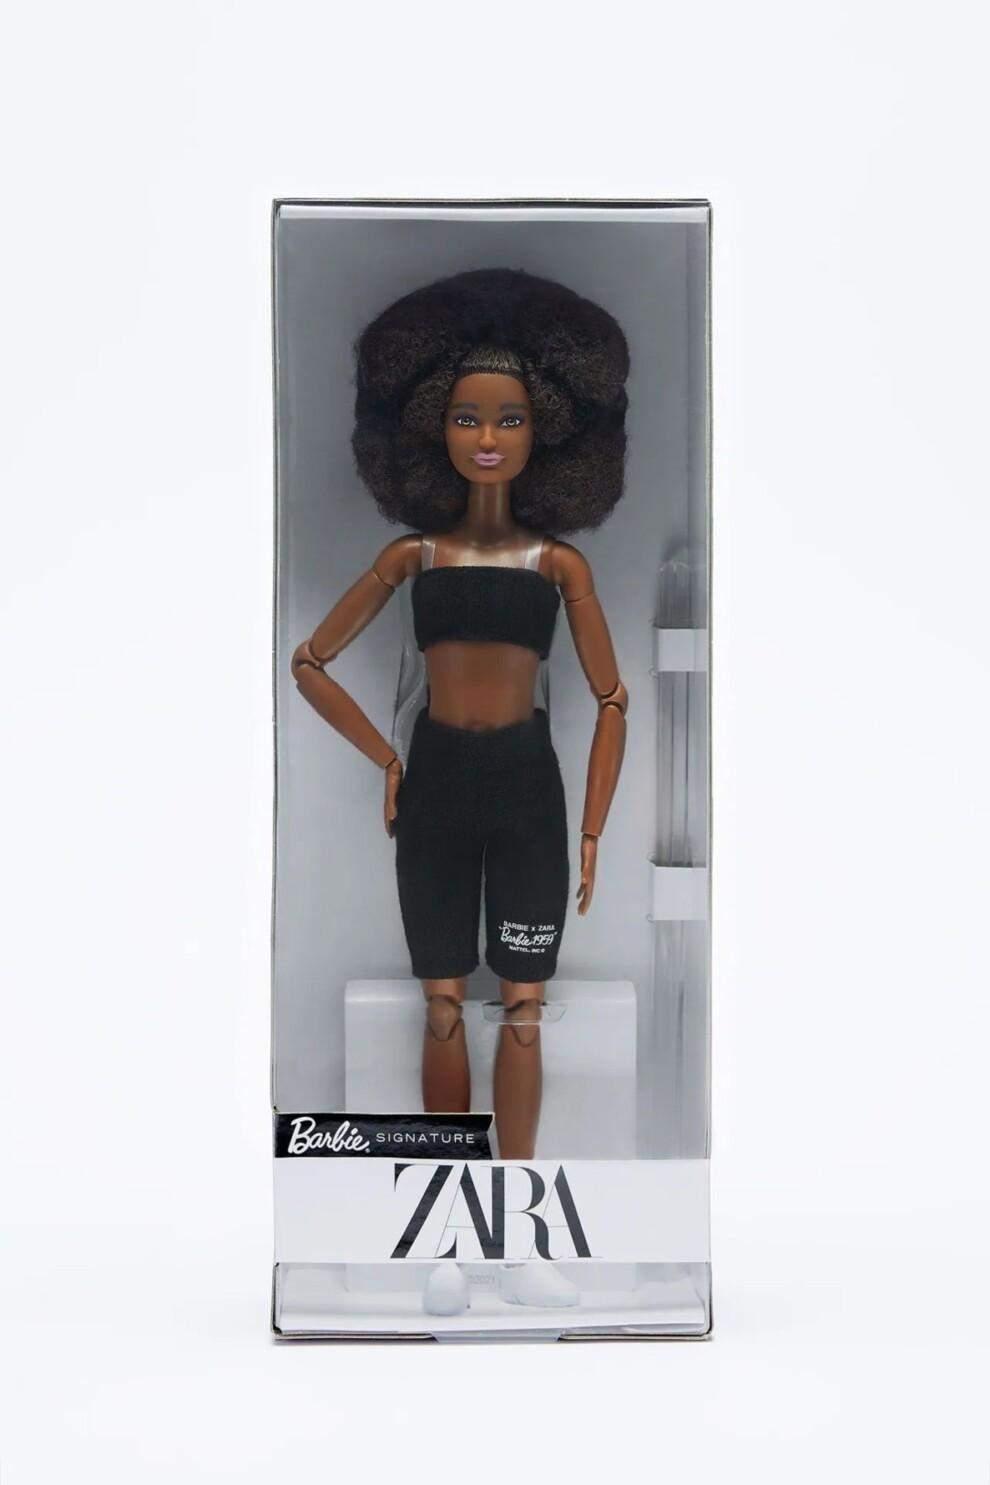 Zara випустила лімітовану колекцію ляльок Barbie